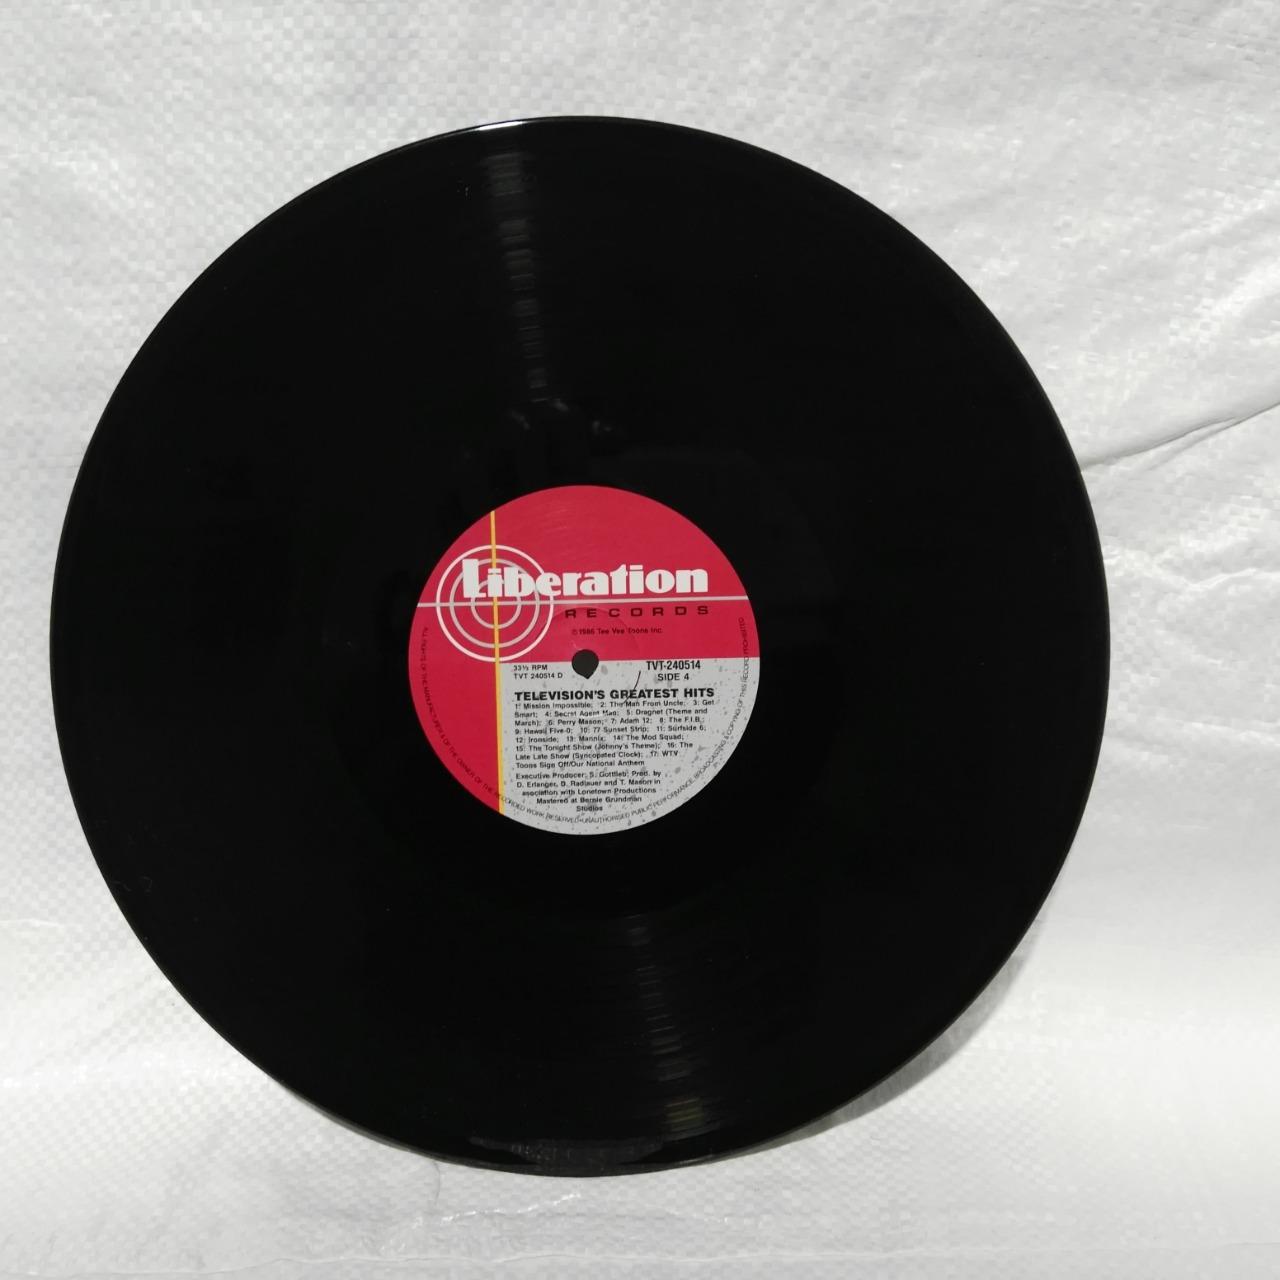 Television's Greatest Hits Vinyl Double Album